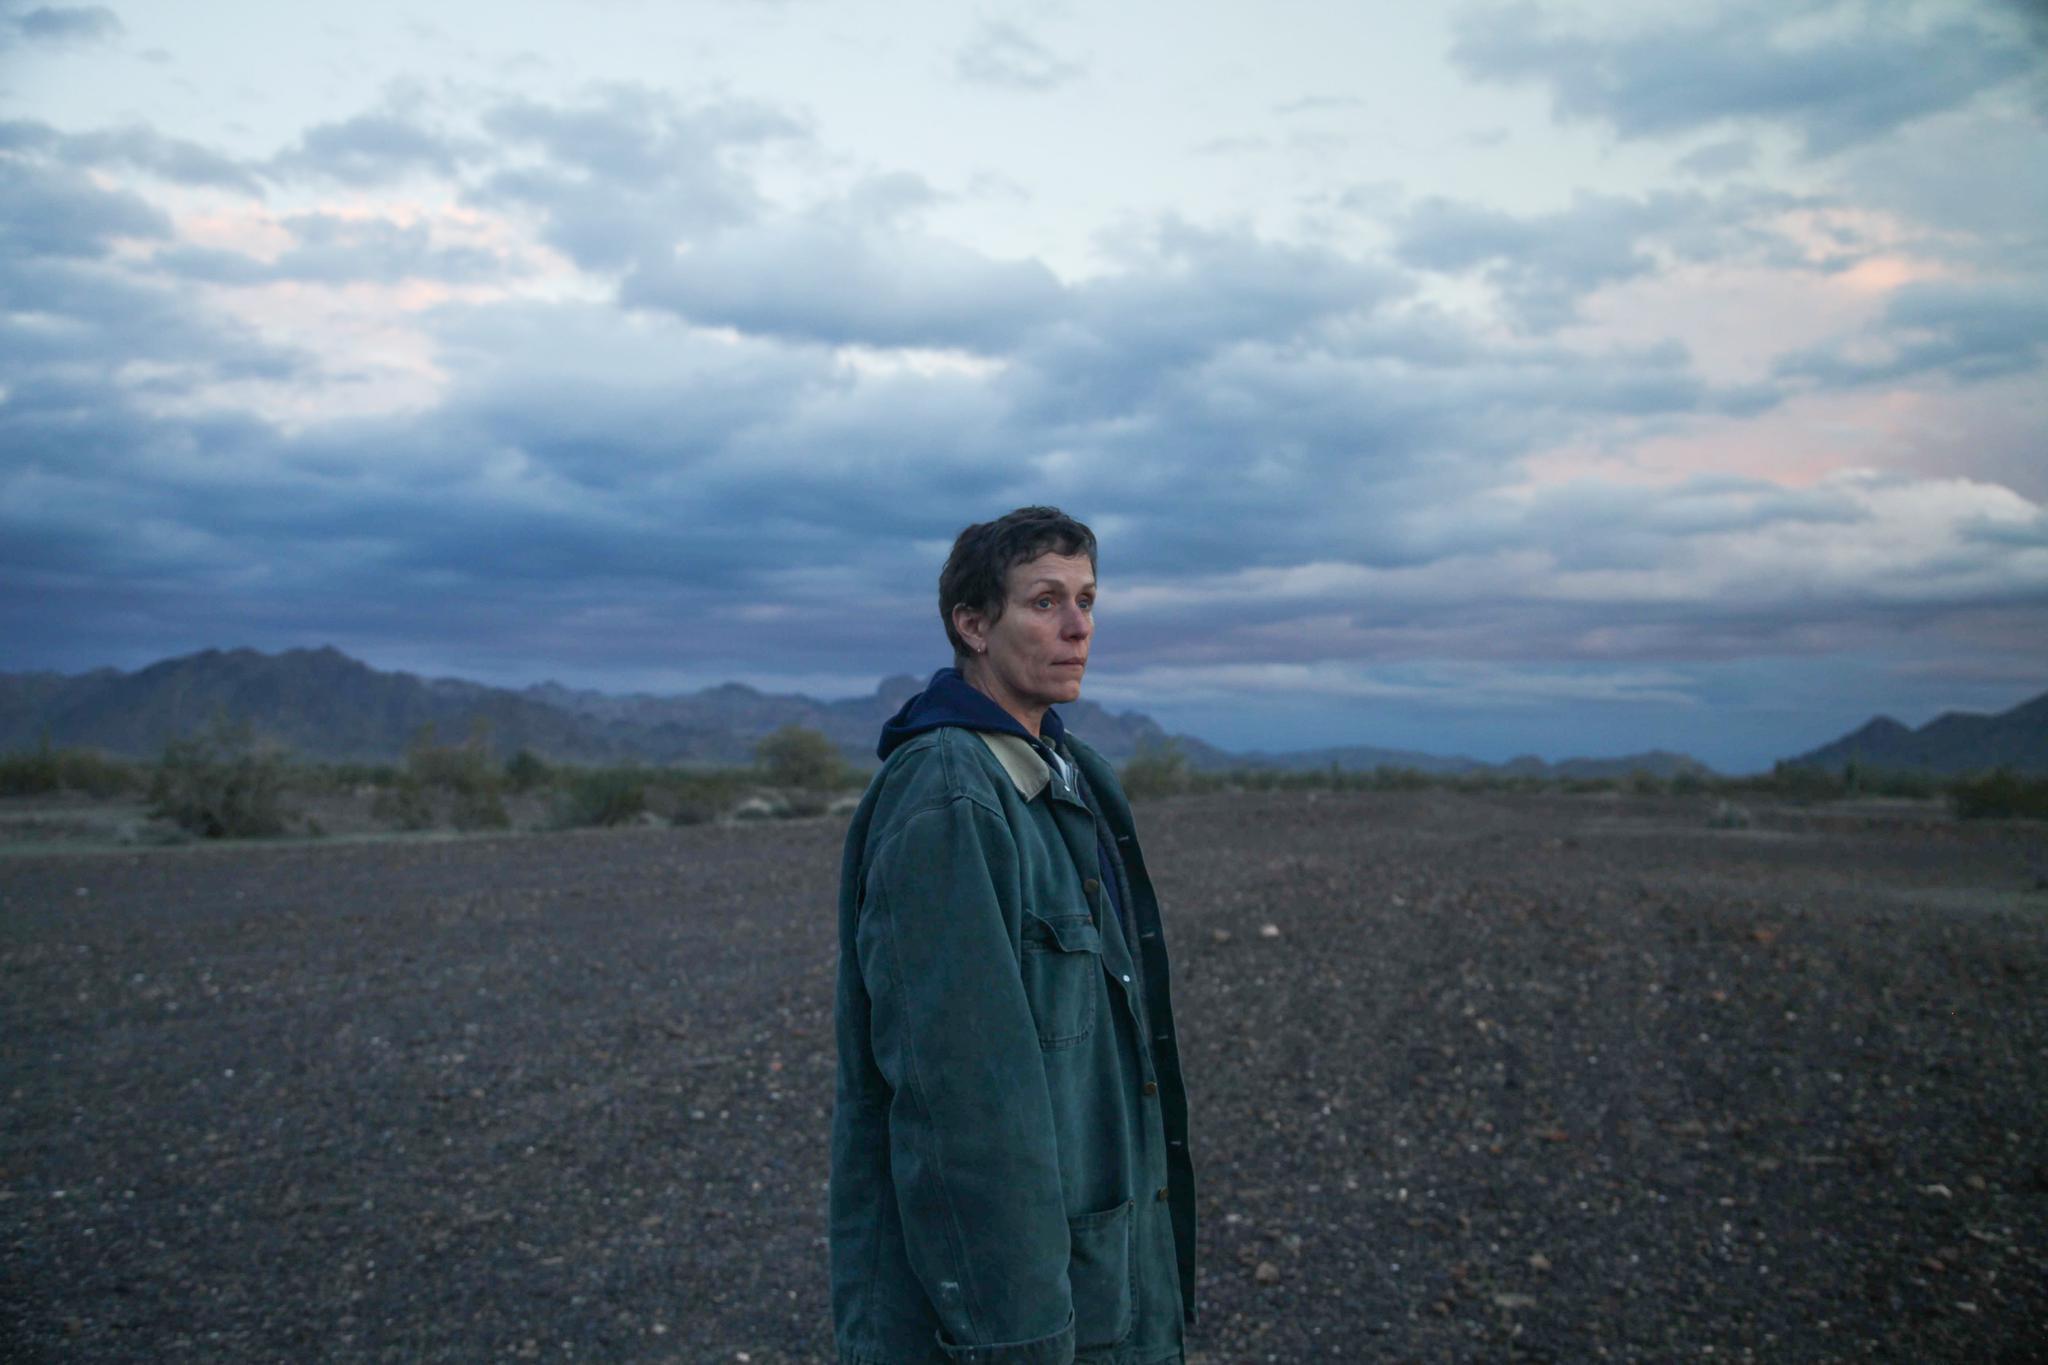 弗兰西斯·麦克众蒙德在《无依之地》片场